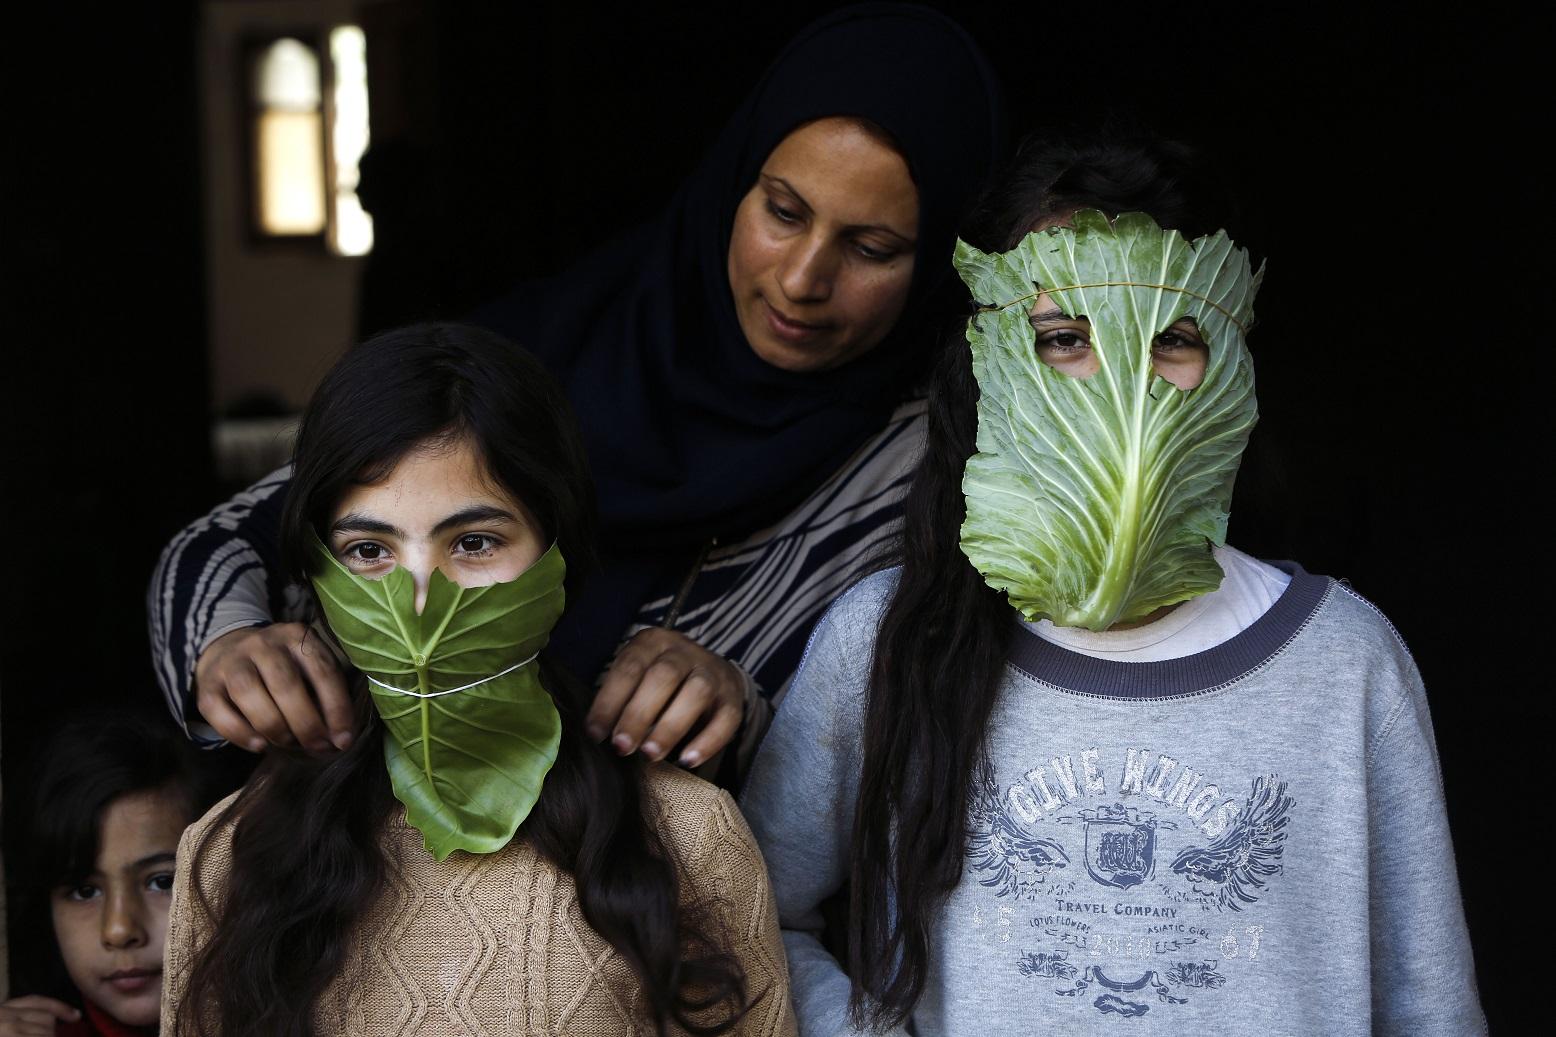 Uma mãe palestina entretém seus filhos com máscaras improvisadas feitas de repolho enquanto cozinha em Beit Lahia, no norte da Faixa de Gaza. Foto Mohammed Abed/AFP. Abril de 2020